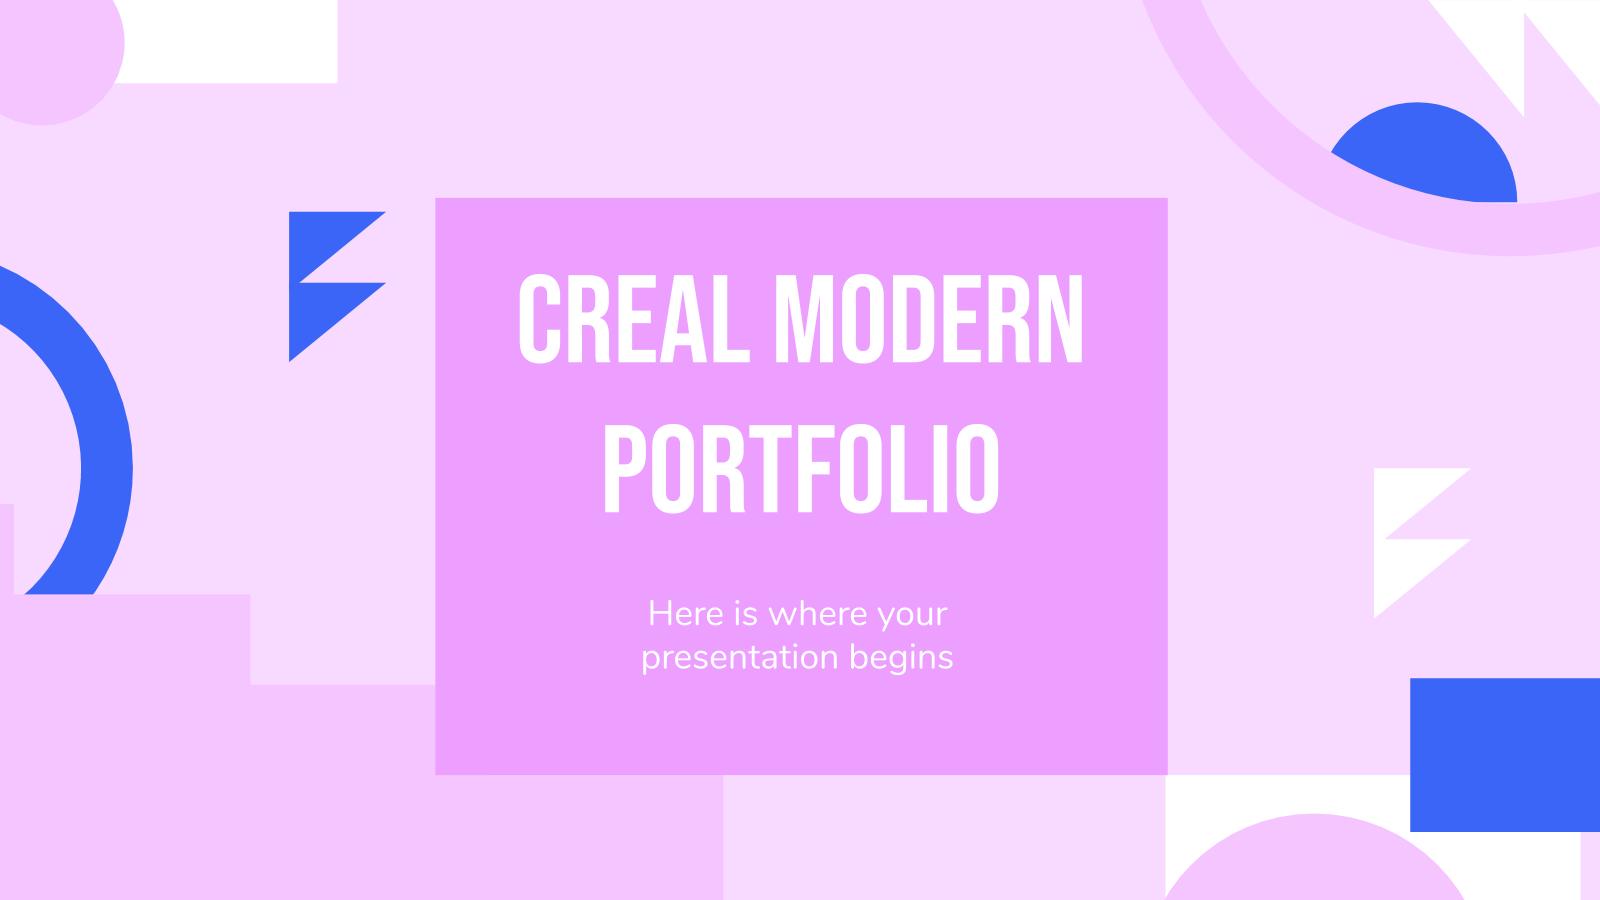 Modelo de apresentação Portfólio moderno Creal